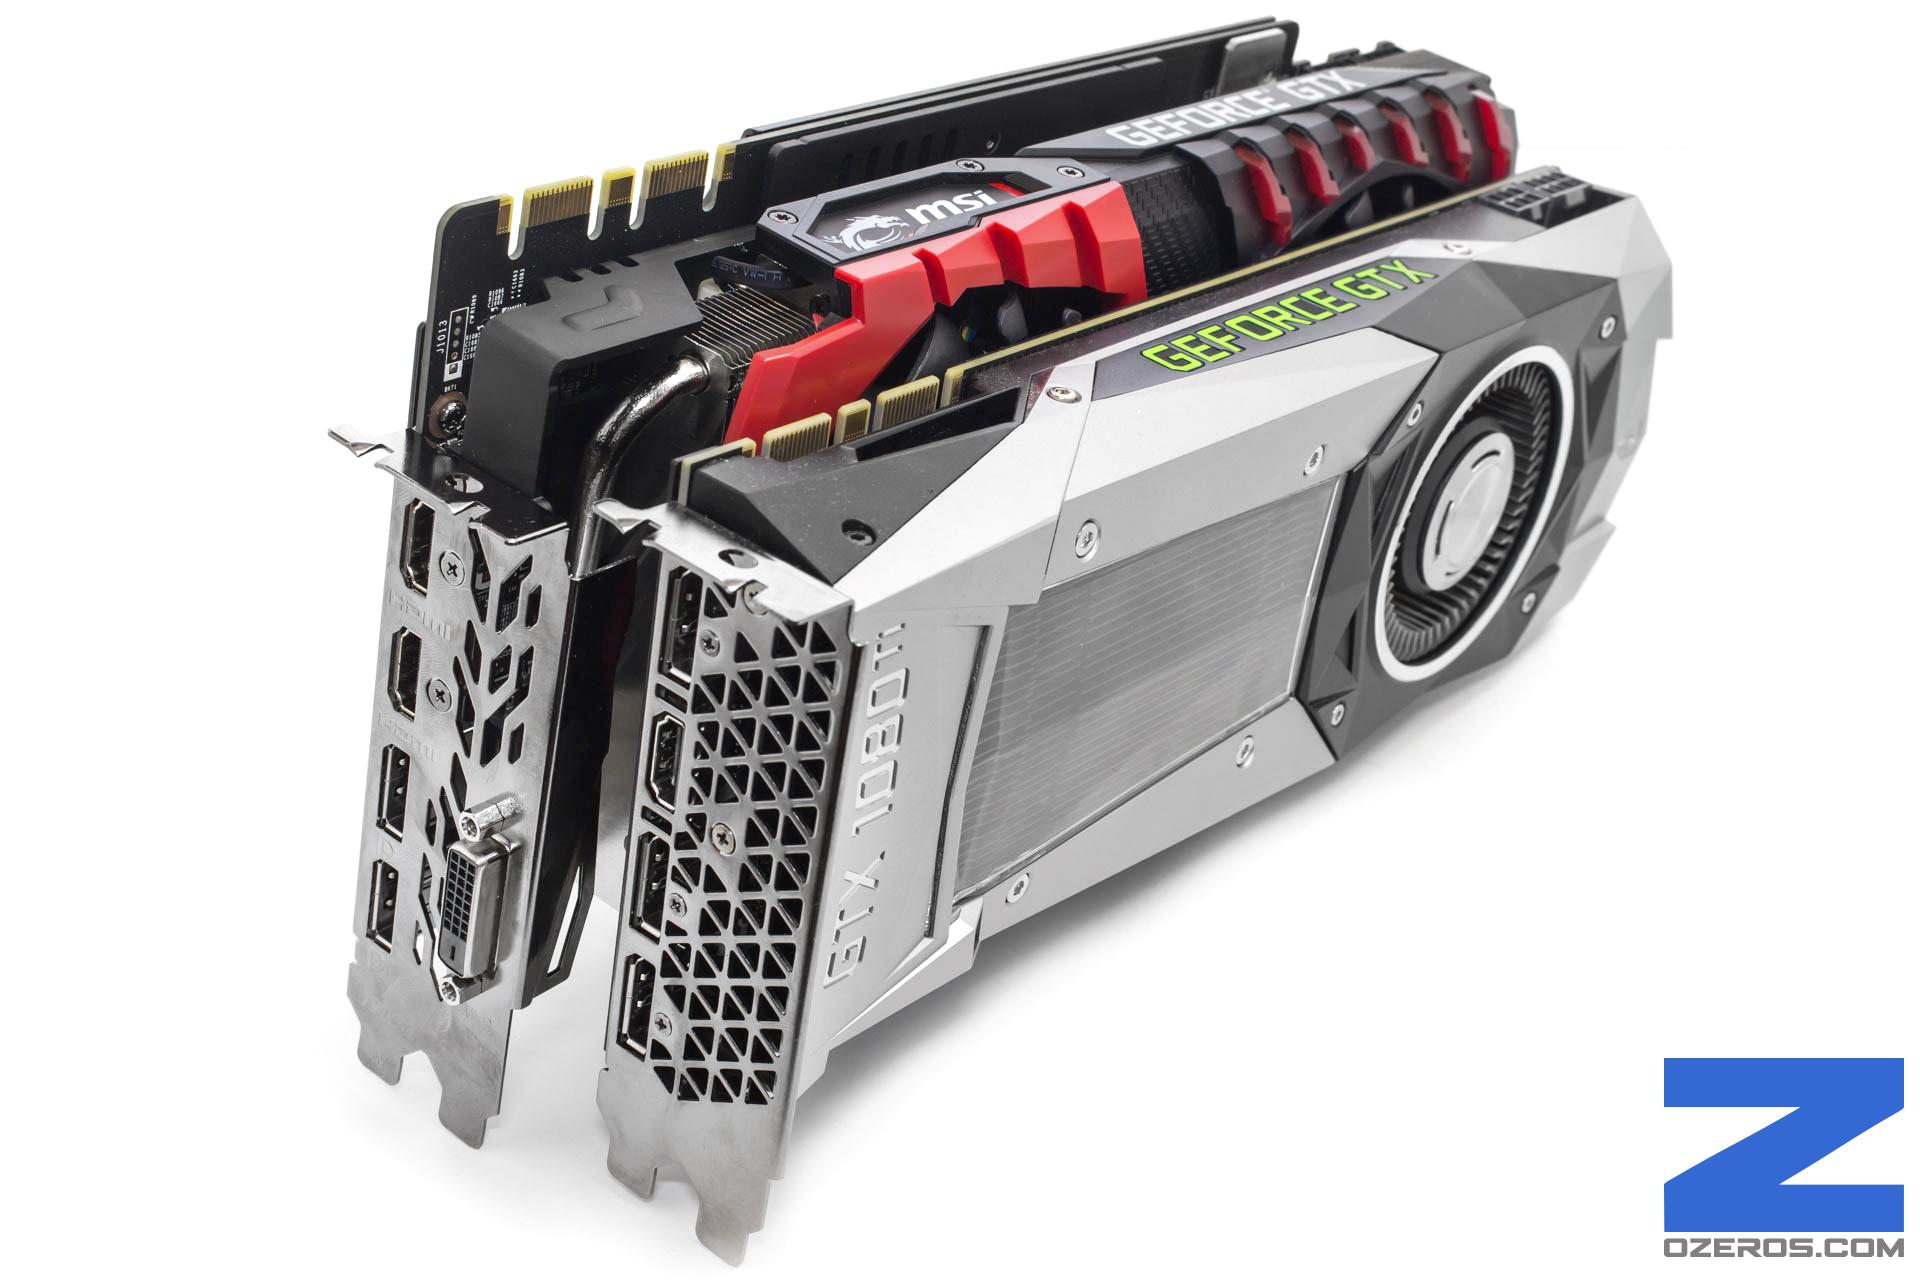 Review: Geforce GTX 1080 Ti en SLI – Doblando la apuesta